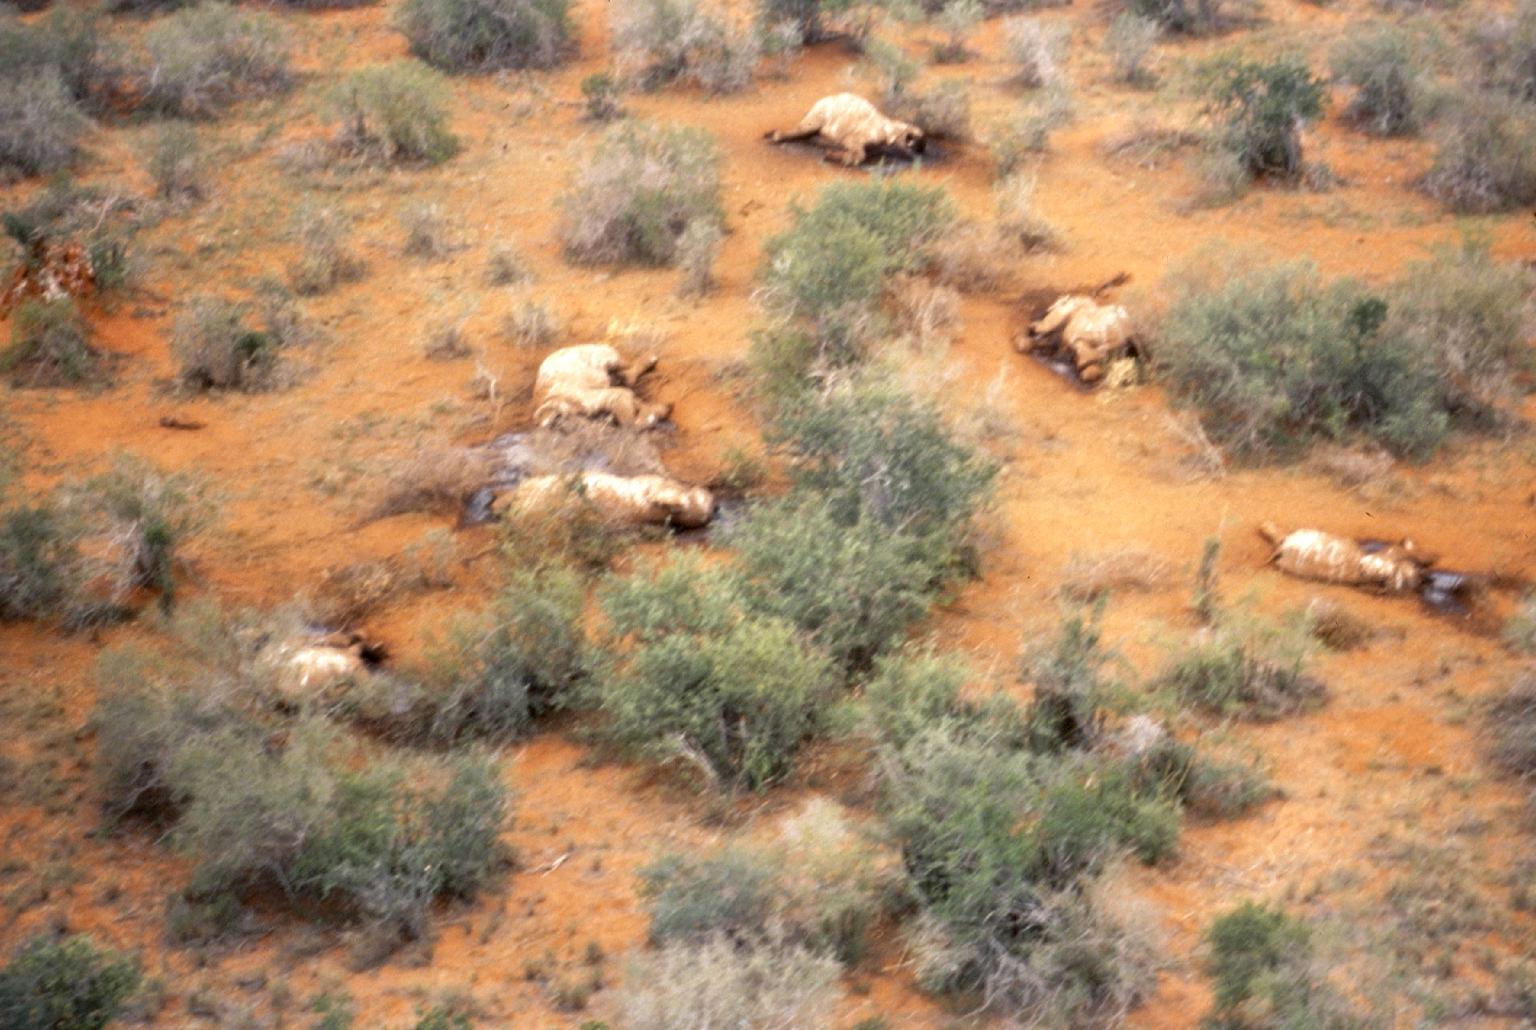 Einige der 2012 in Kamerun gewilderte Elefanten.